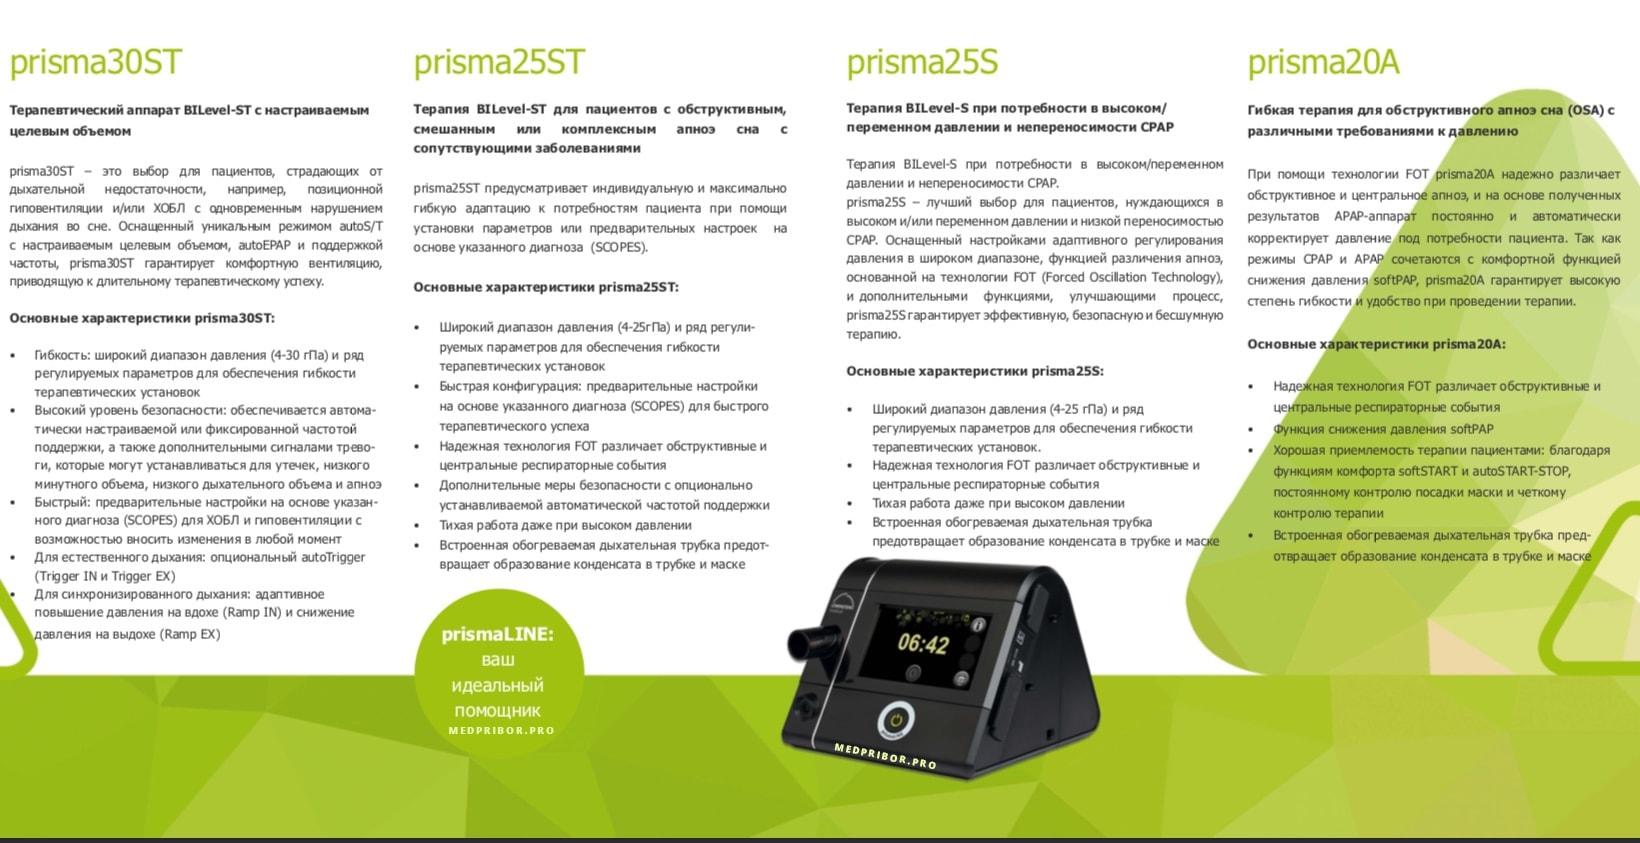 Инфографика Weinmann prisma20A-25S-25ST-30ST